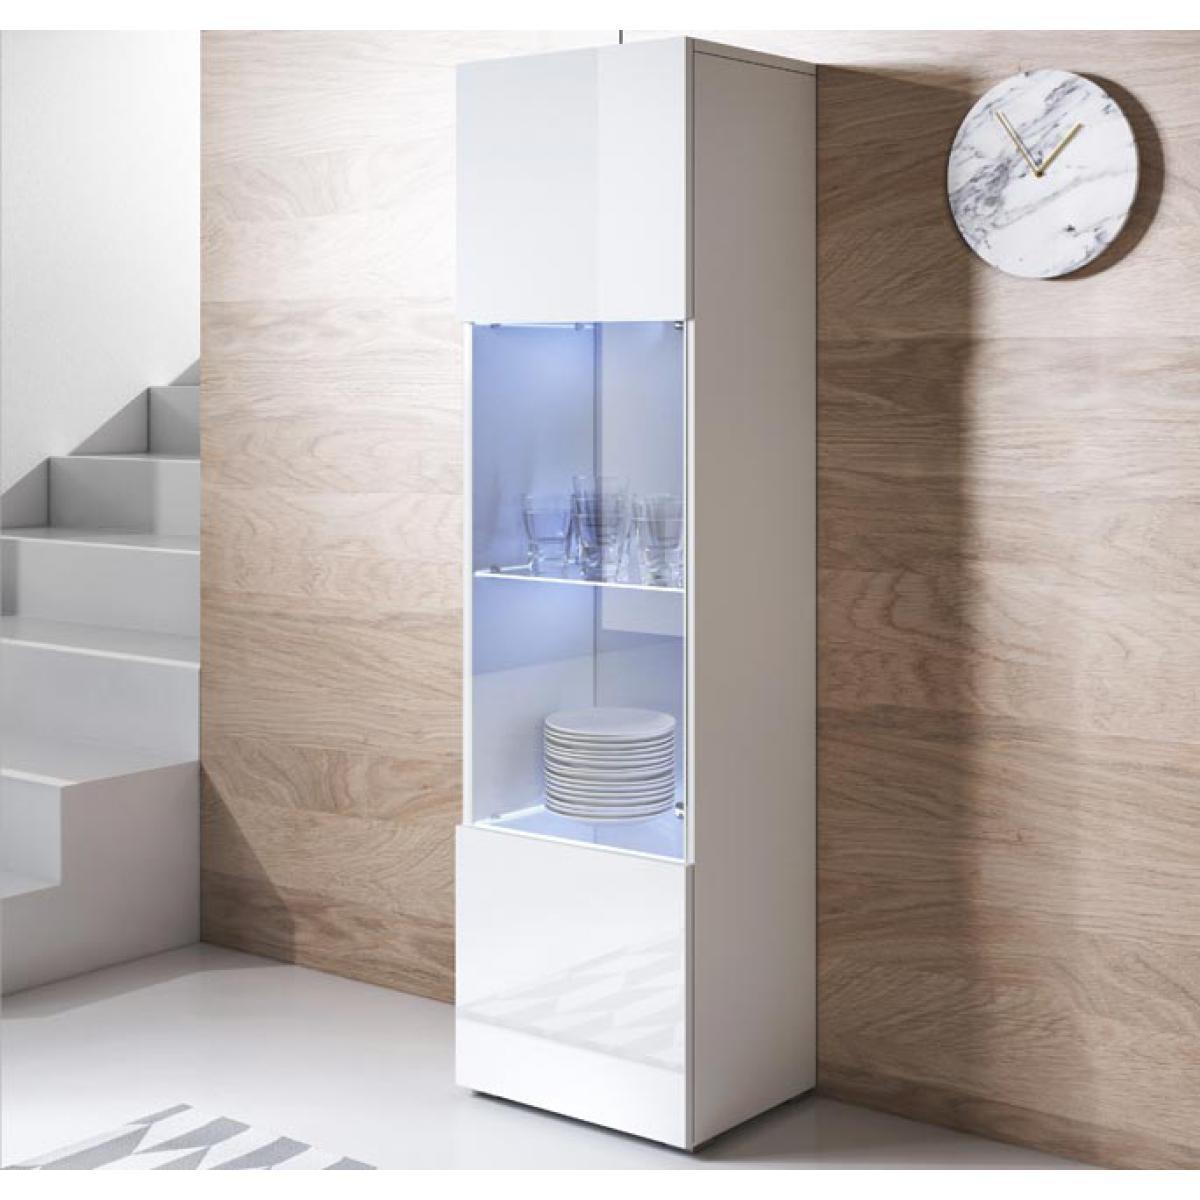 Design Ameublement Vitrine modèle Luke V6 (40x167cm) couleur blanc avec pieds standard